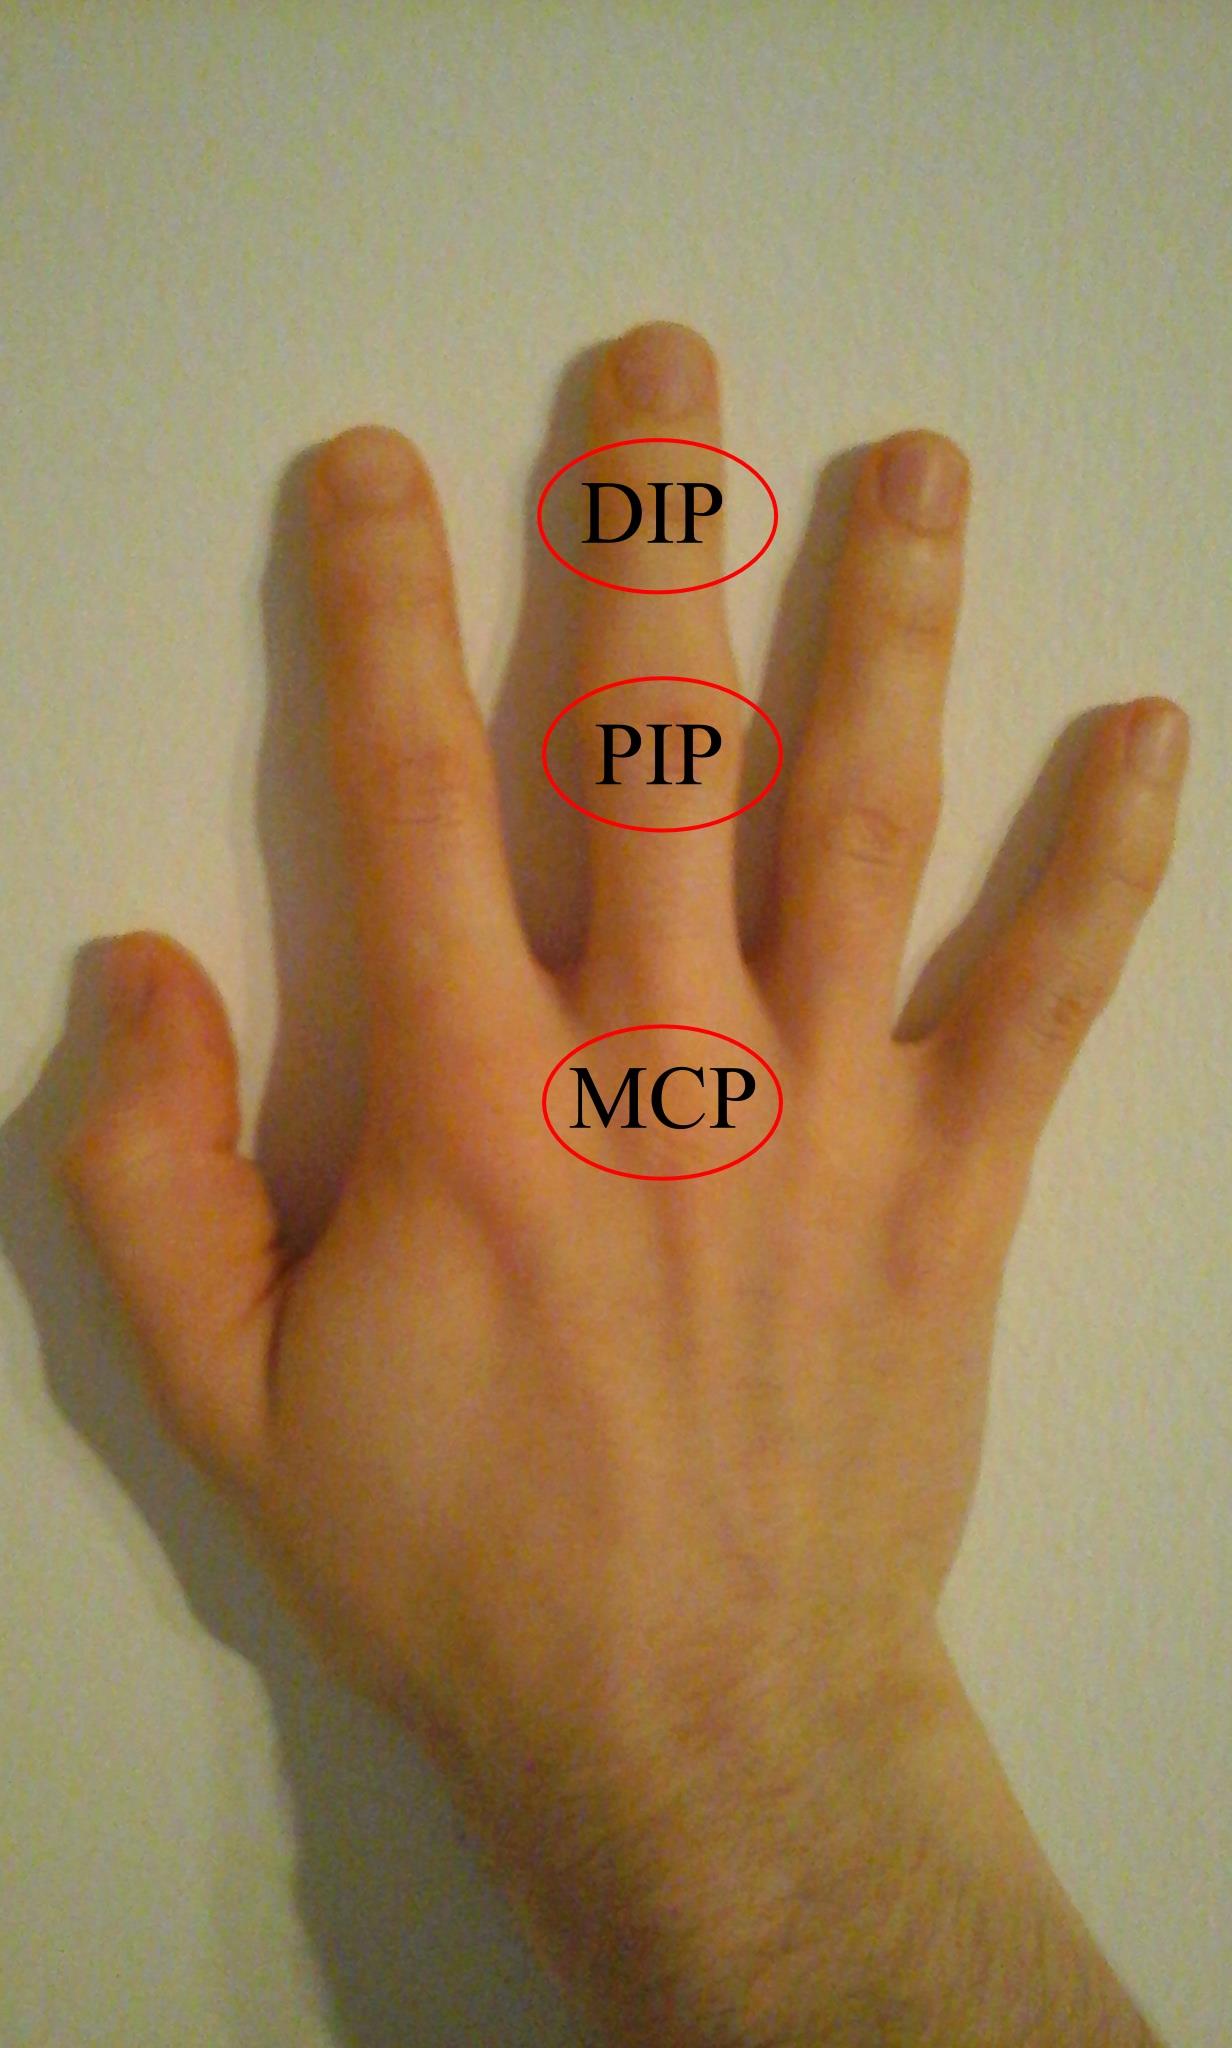 fájdalom a kenőcső ujjai ízületeiben)